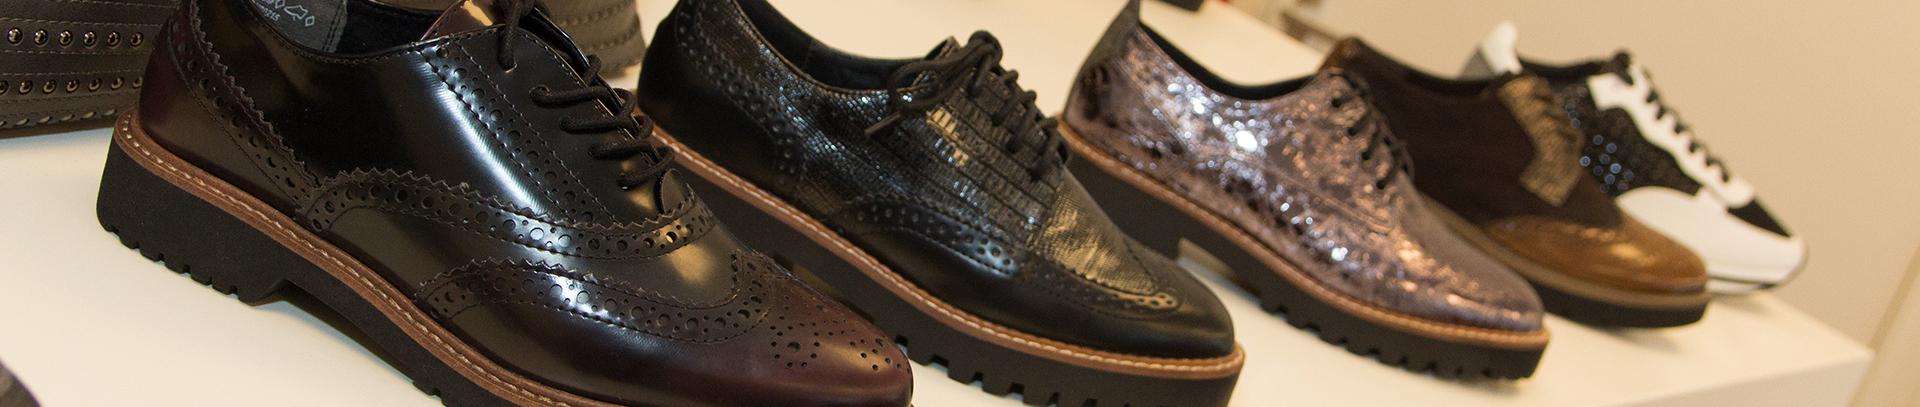 schoenen-slider-4